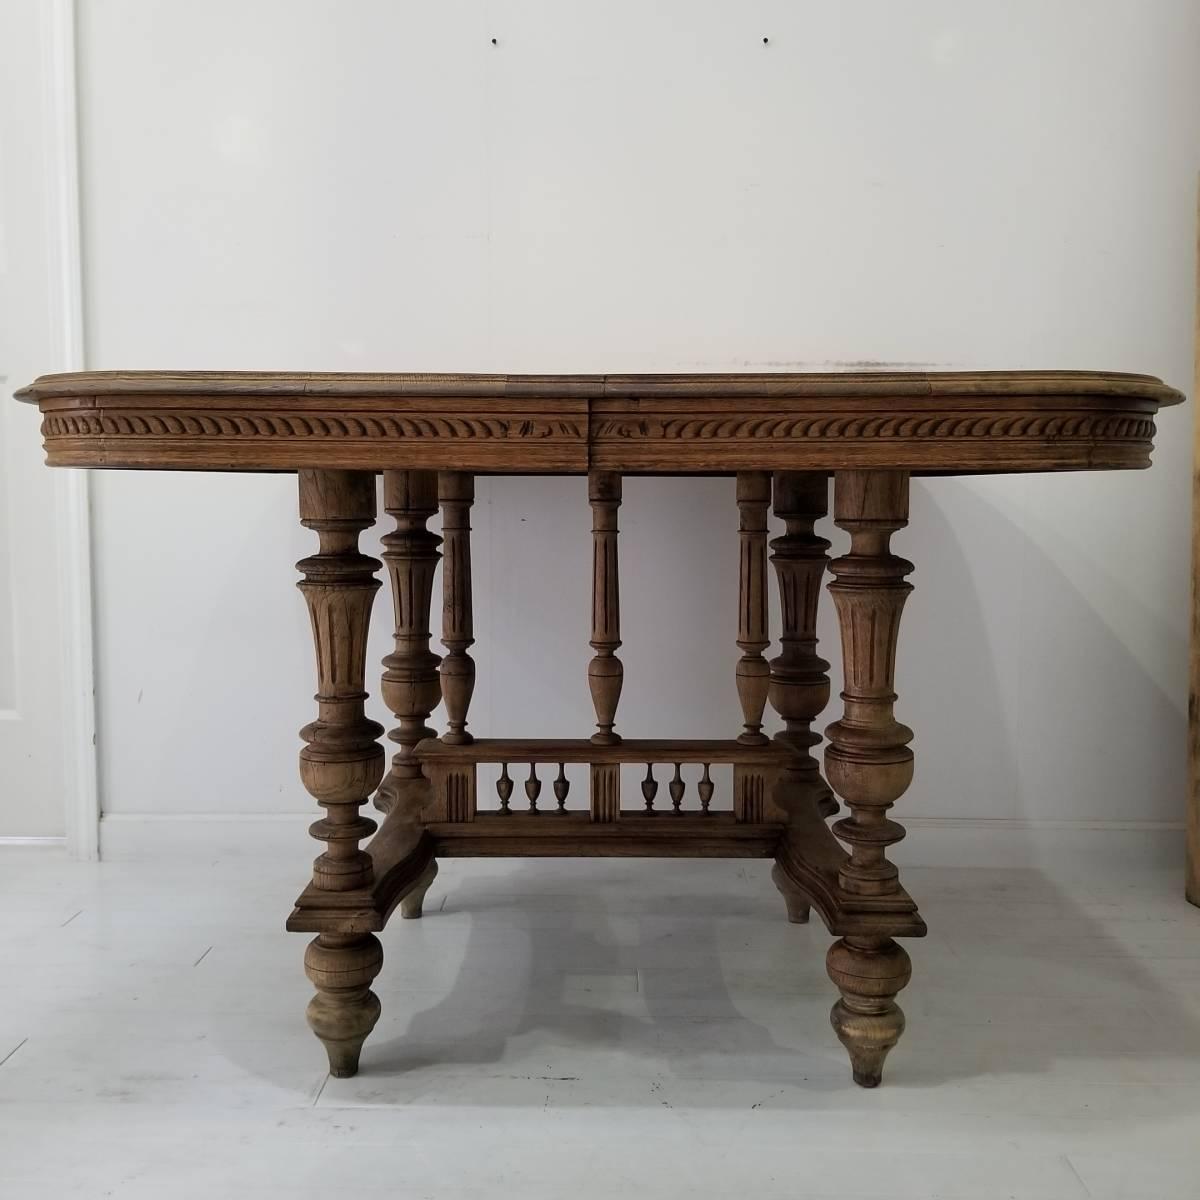 アンティーク 枯れた木味の雰囲気が素敵なアンリ二世 ダイニングテーブル シャビーシック フランス ヴィンテージ ブロカント _画像2